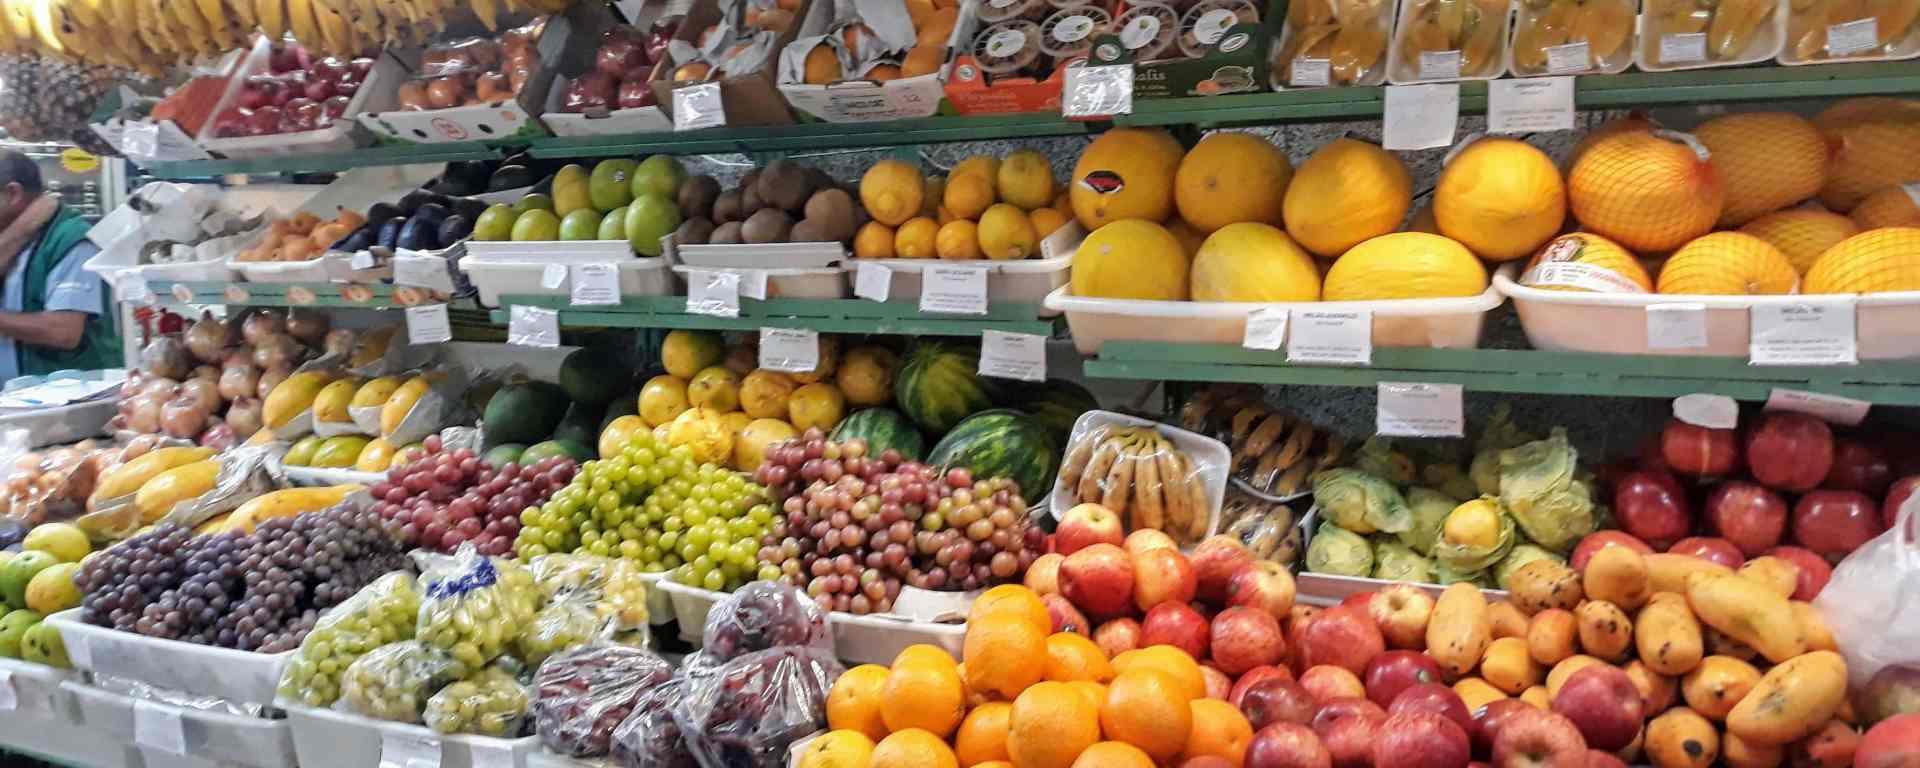 Mercado Municipal de Curitiba PR